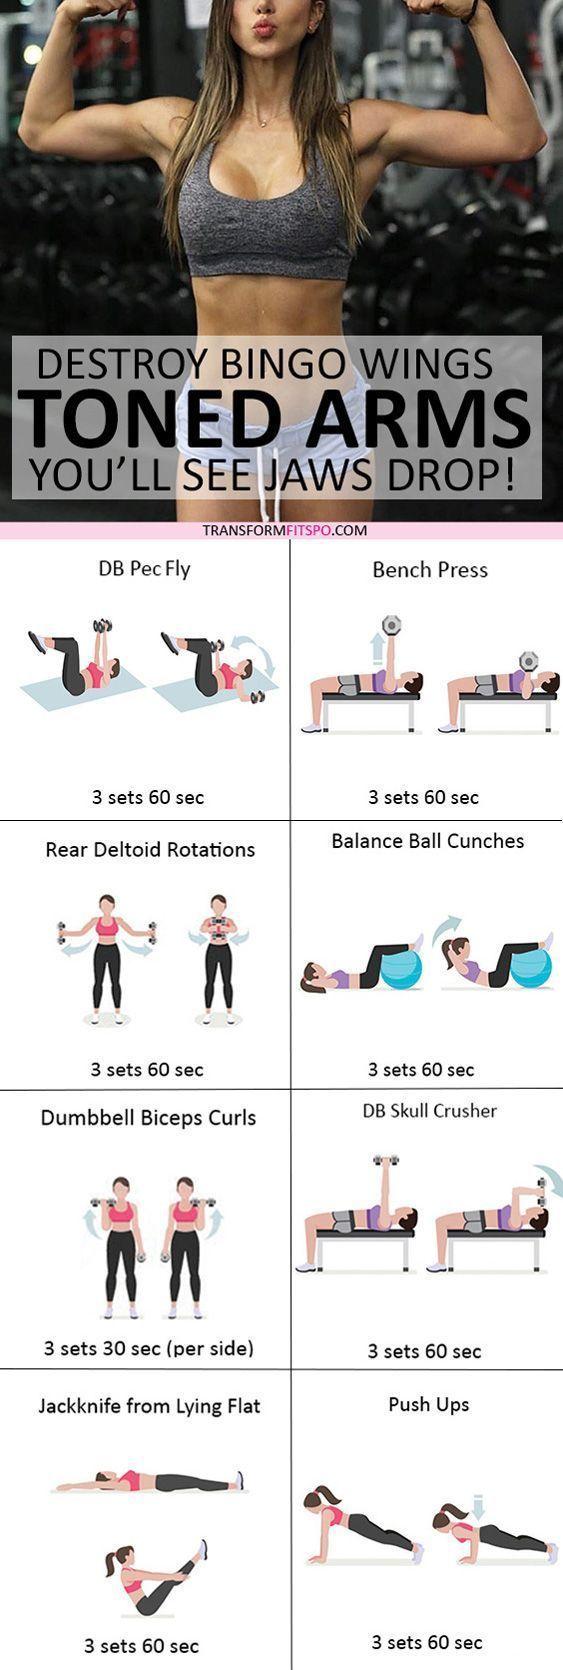 #womensworkout #workout #female fitness Repine et partage si cet entraînement détruit ... - #cet #dé...